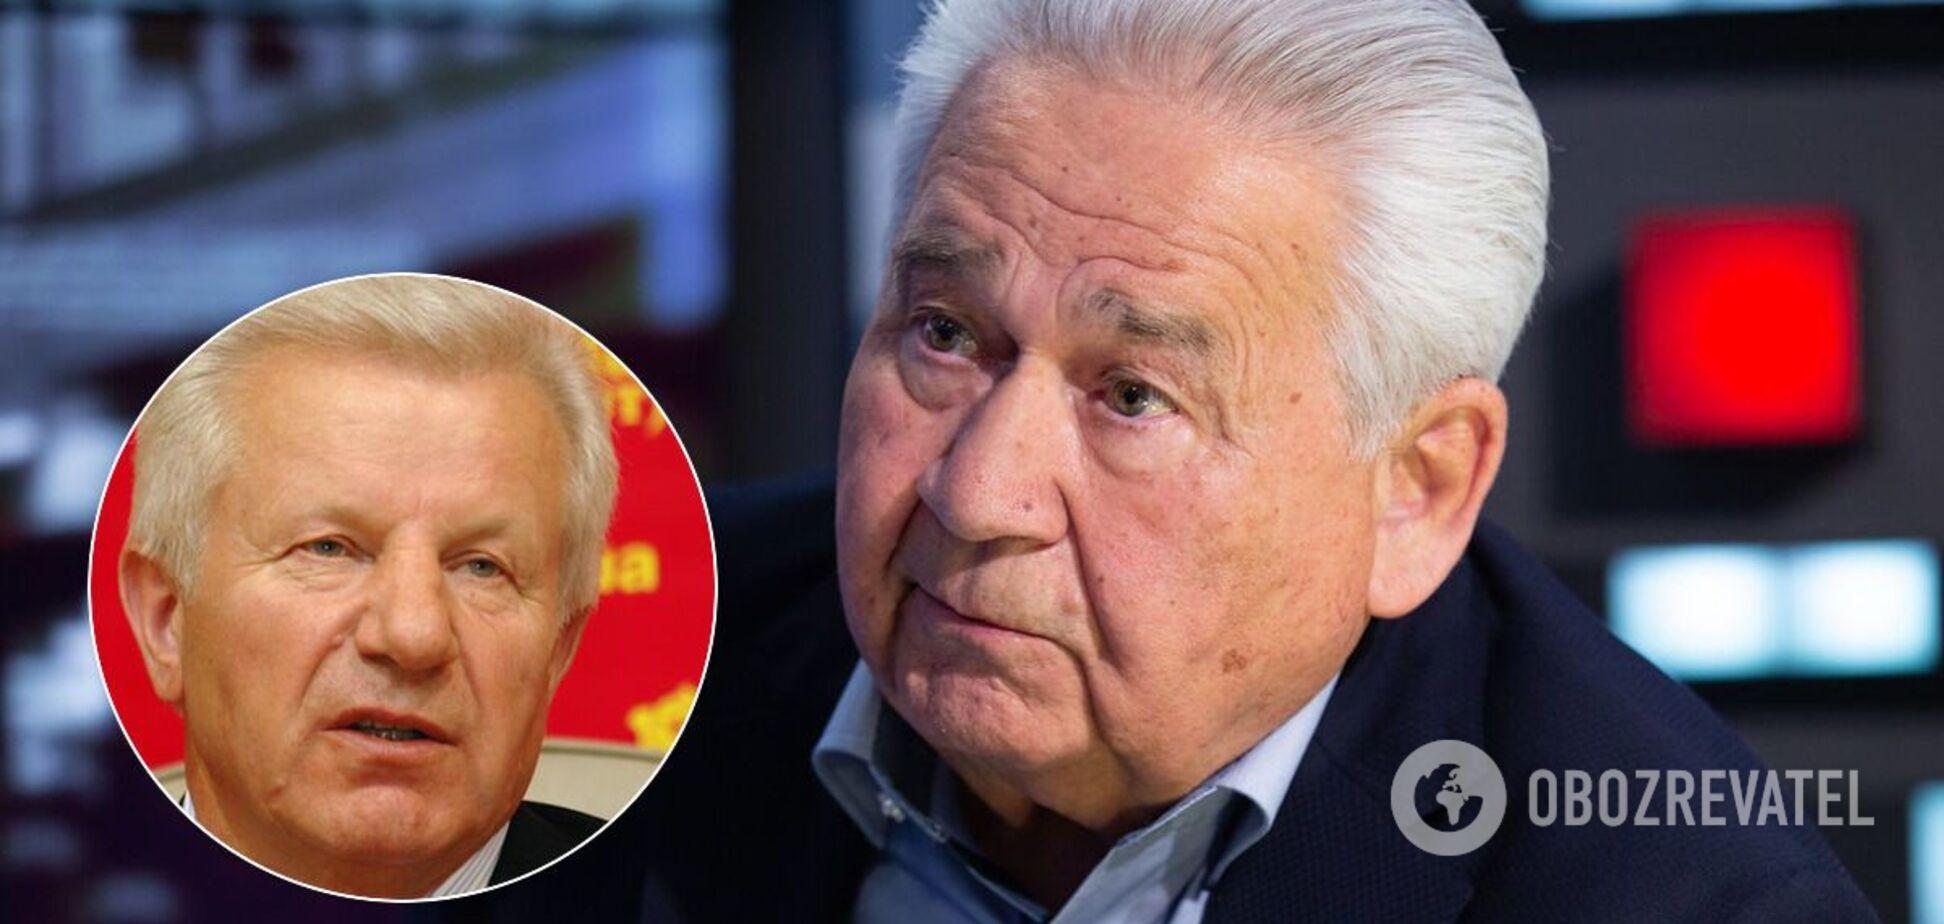 Мороз вступился за Фокина и заявил, что виноваты 'подстрекатели на Майдане'